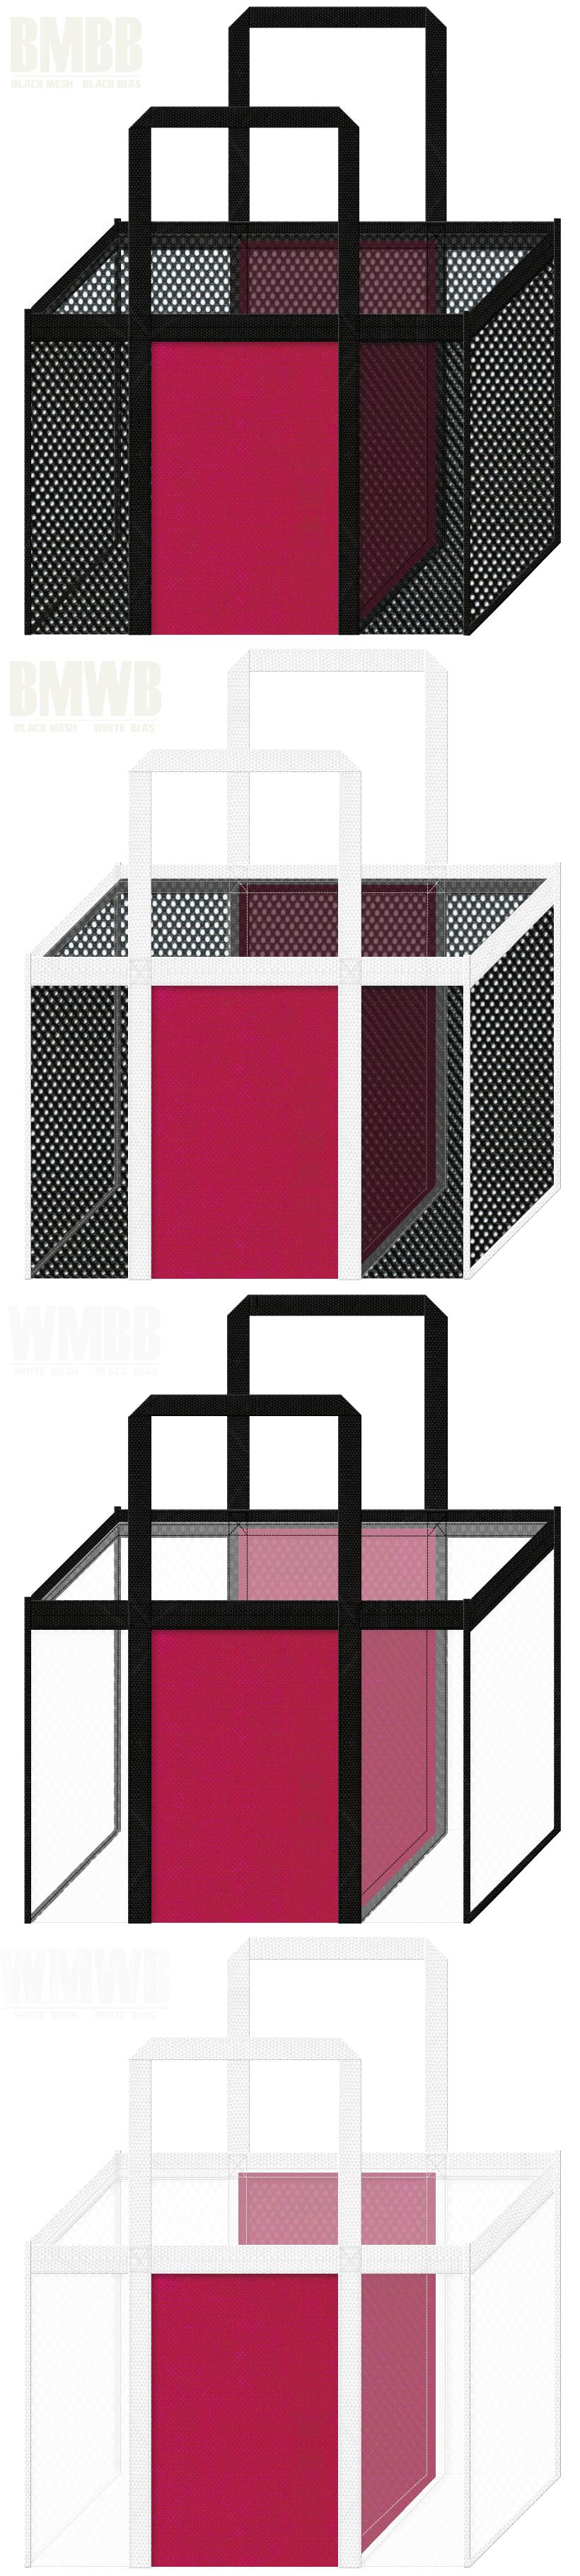 角型メッシュバッグのカラーシミュレーション:黒色・白色メッシュと濃ピンク色不織布の組み合わせ